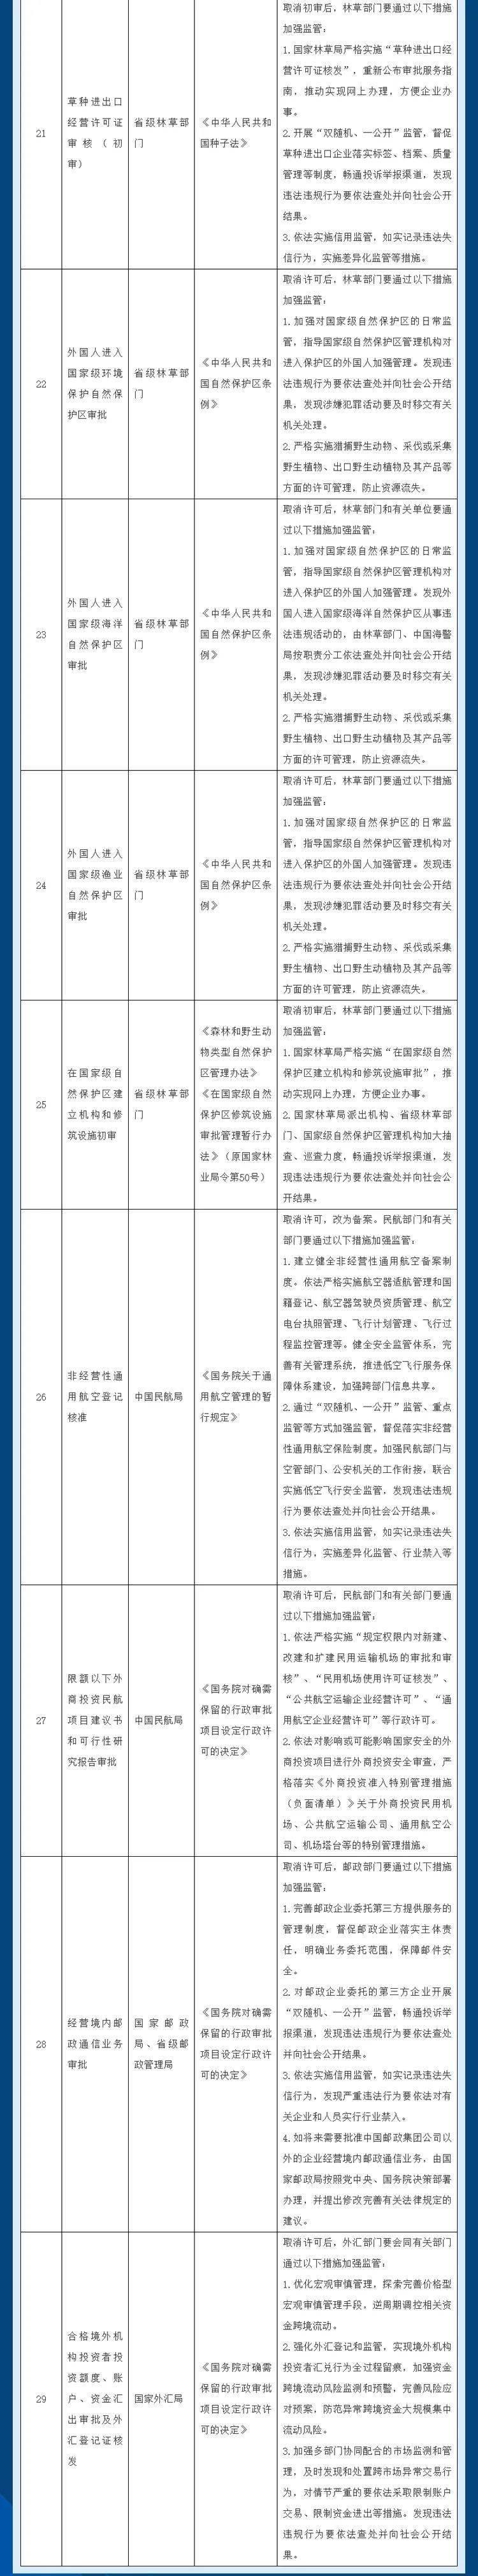 中国国务院再取消和下放一批行政许可事项(附详细目录)